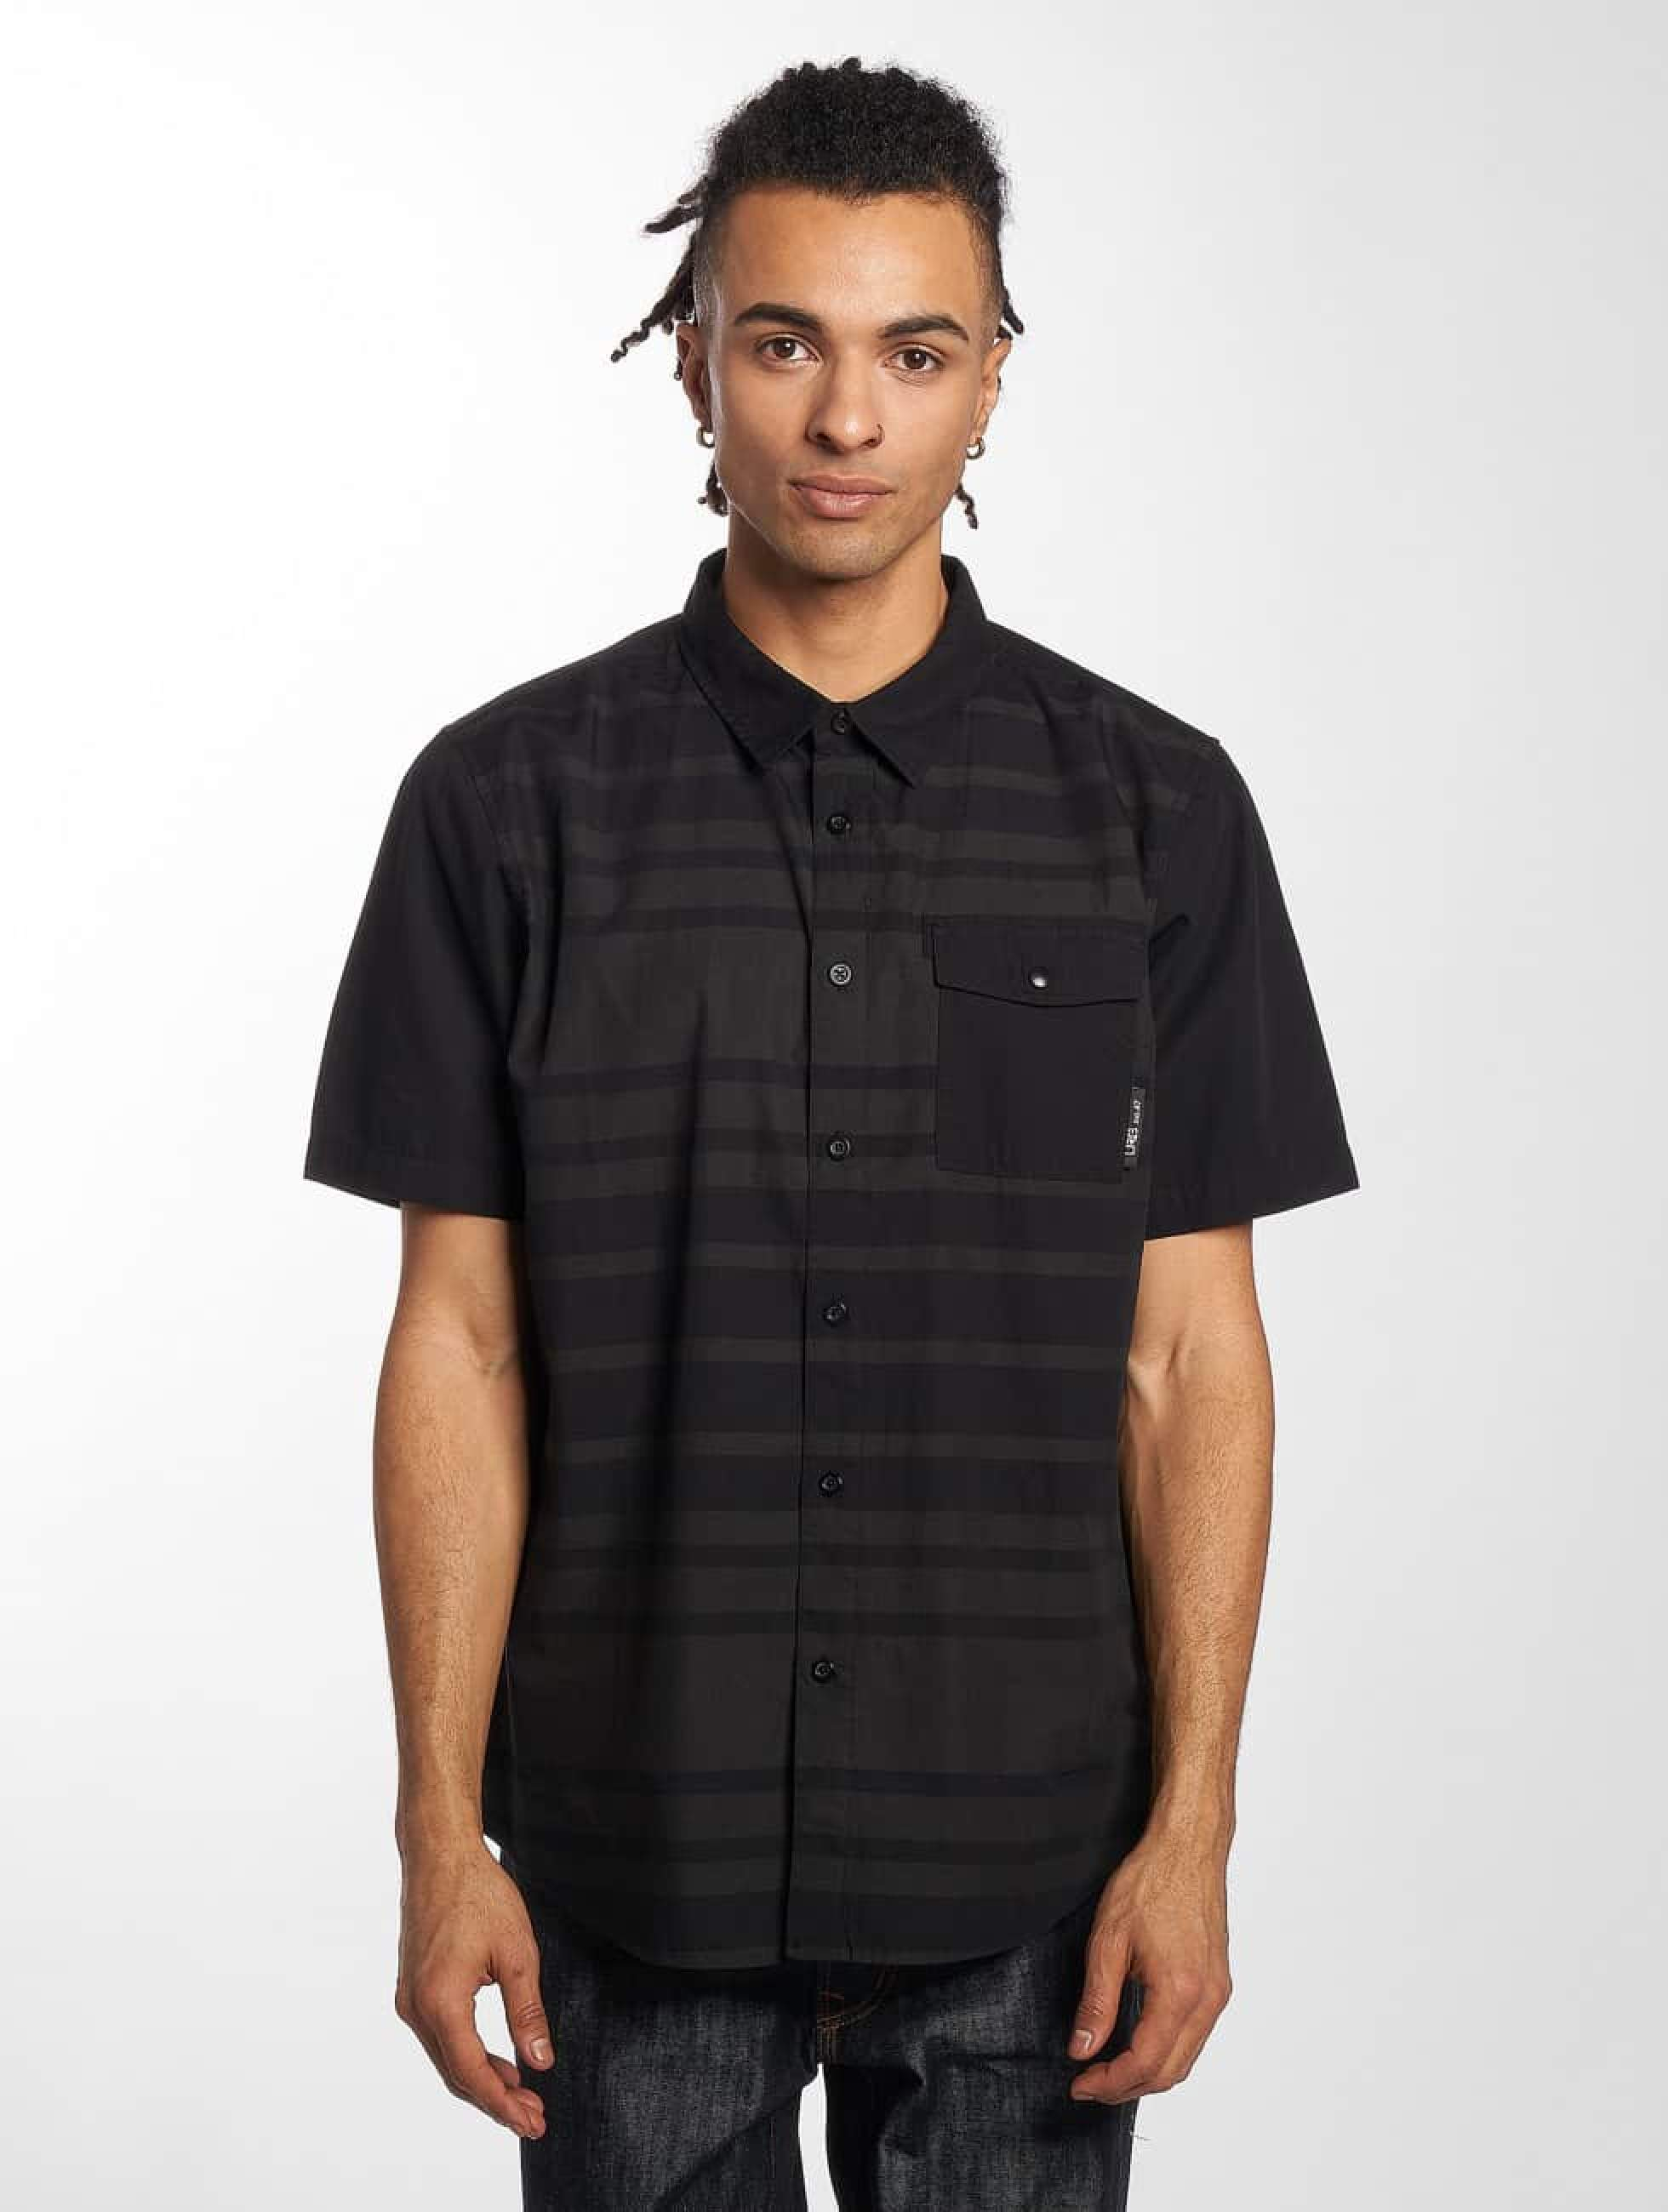 LRG Männer Hemd Ontour Woven in schwarz